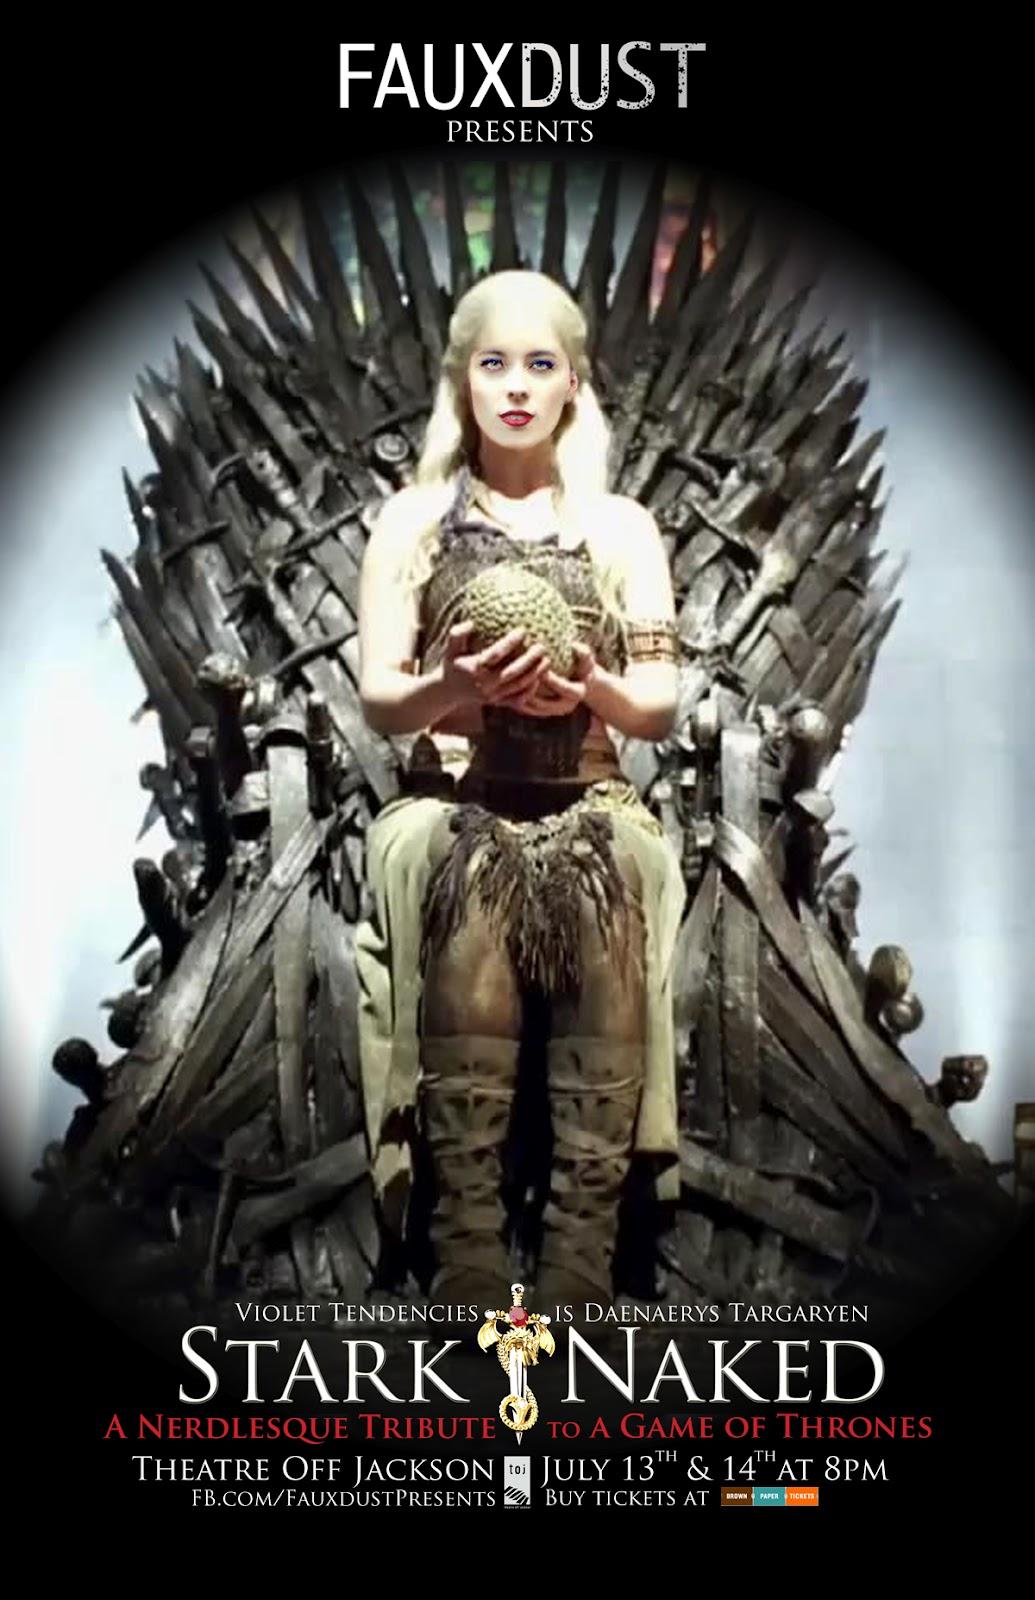 FAUXDUST Presents Violet Tendencies As Daenerys Targaryen